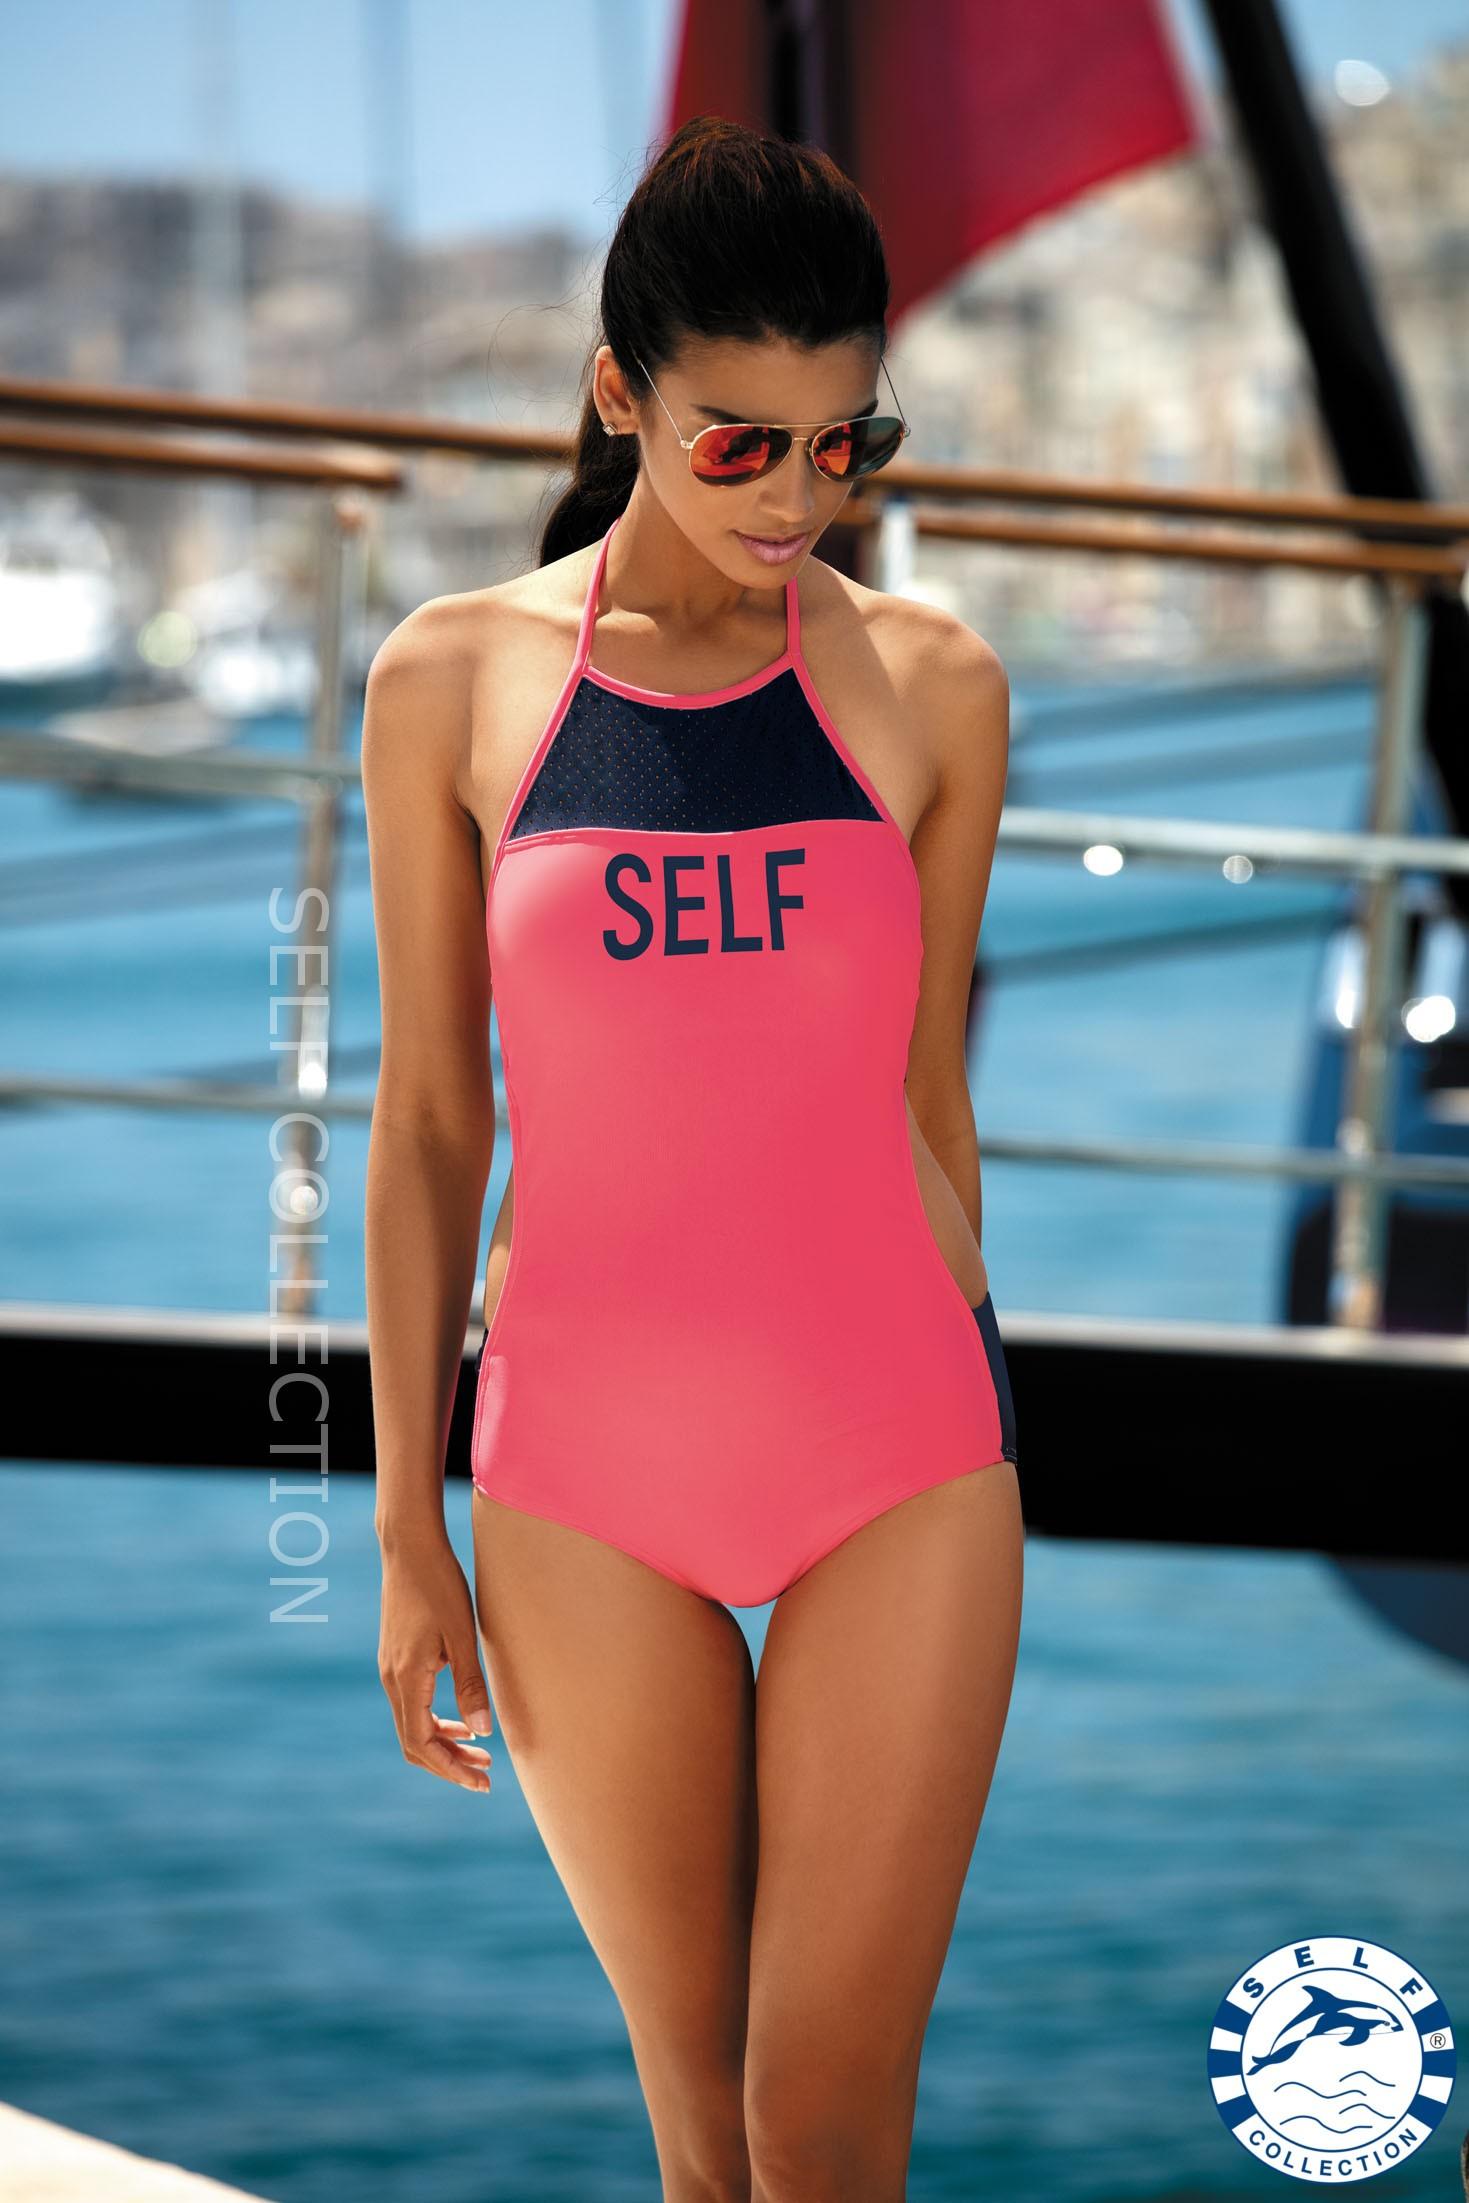 Dámské jednodílné plavky S45 - Self - Granátová/38/M